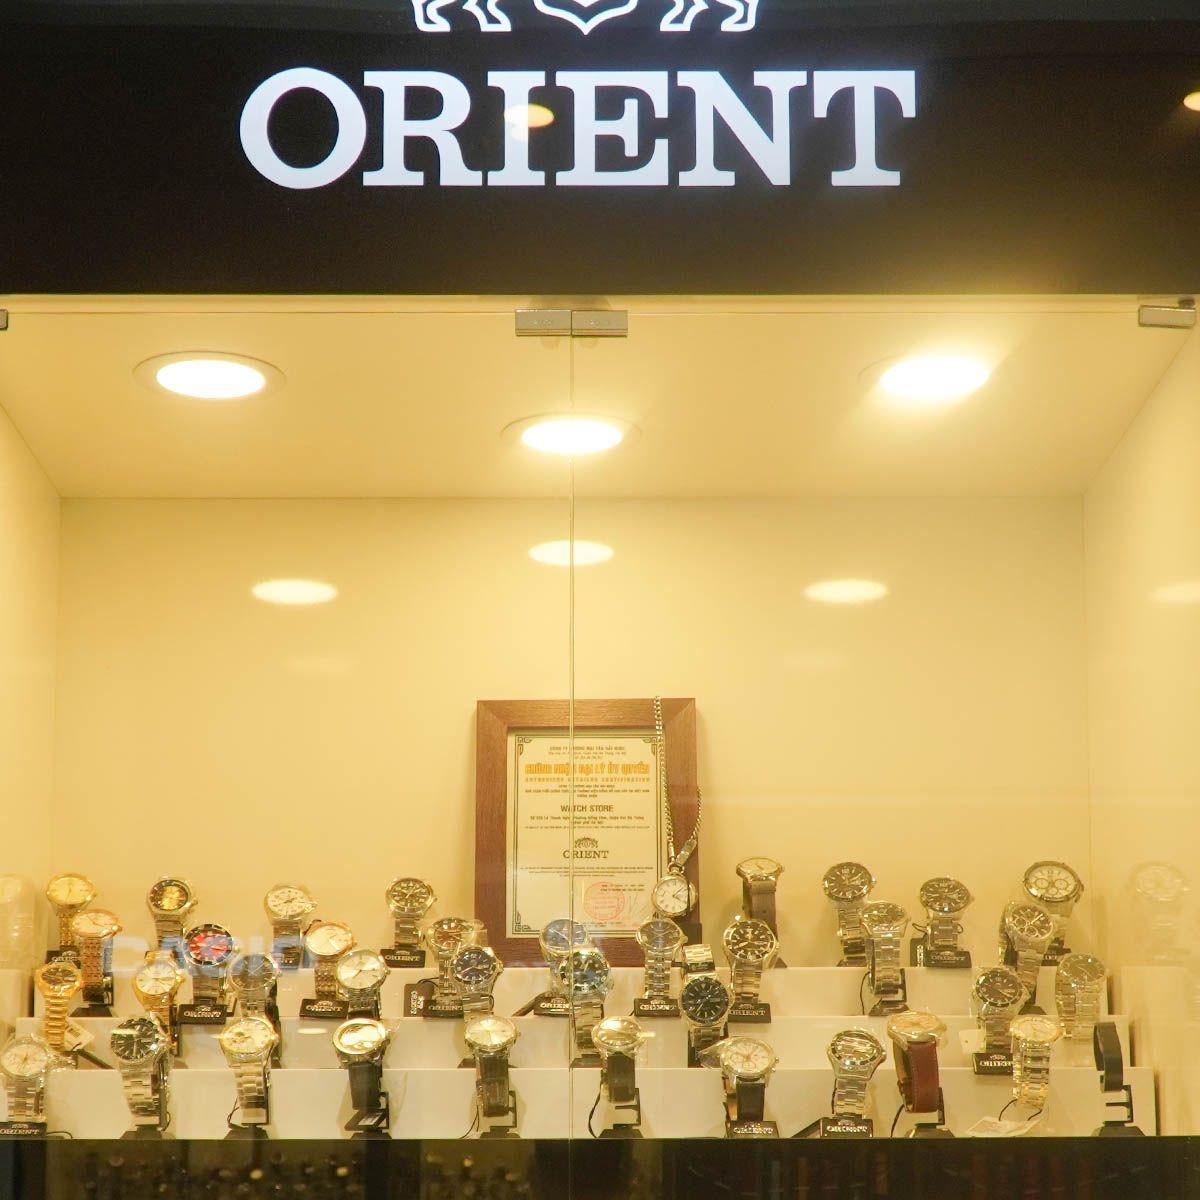 Đồng Hồ Orient™ Nam Từ 3 - 5 Triệu - Ảnh 1